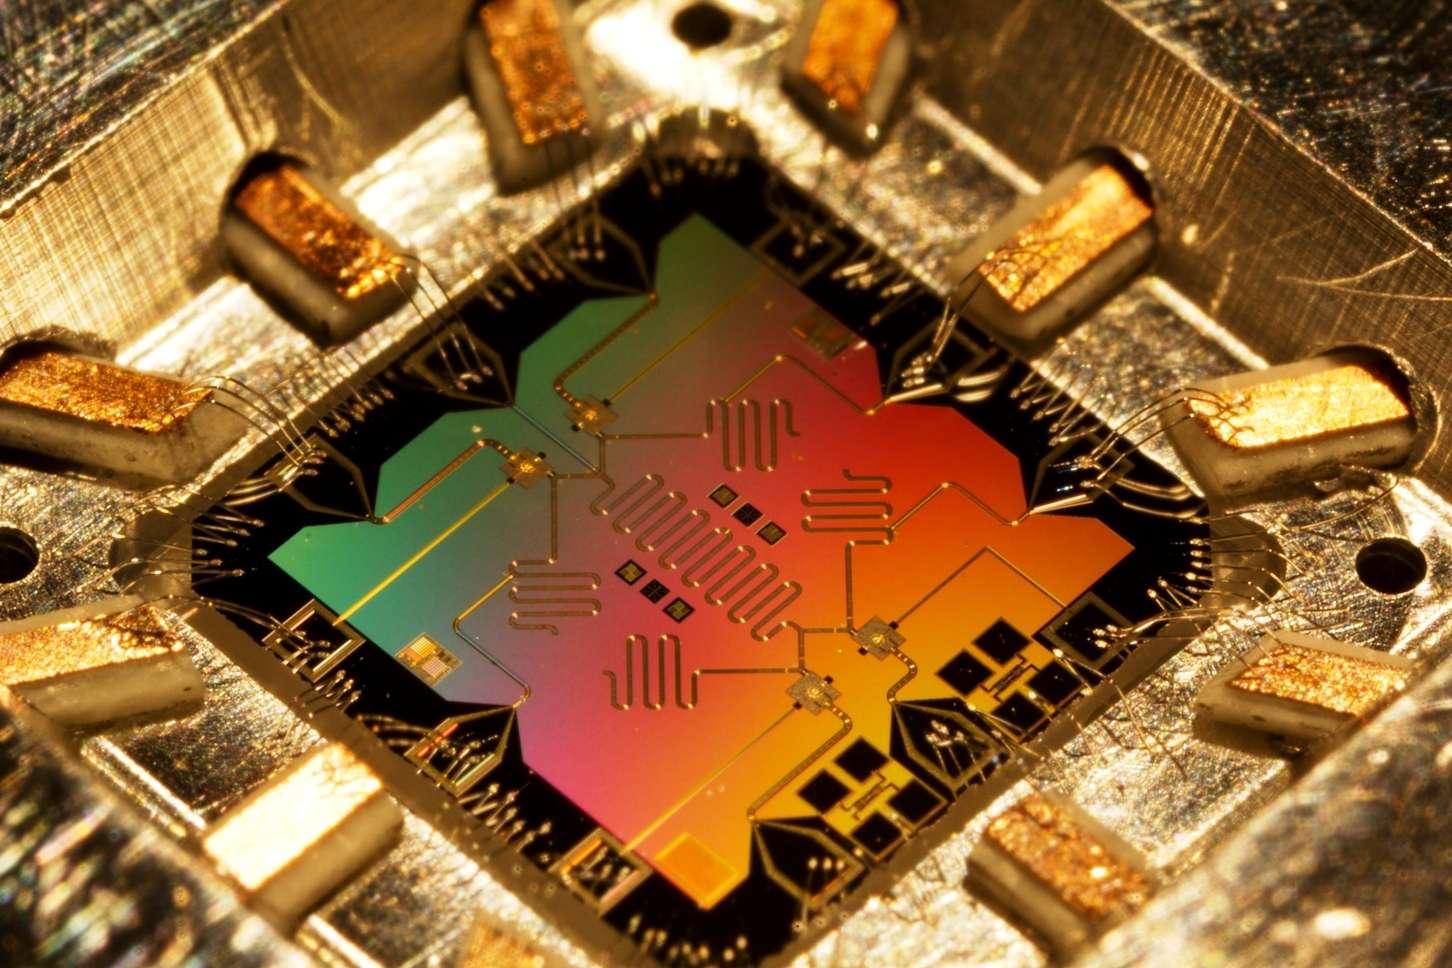 Un exemple de circuit capable de porter des qubits et mis au point par des chercheurs de l'université de Santa Barbara. Ces circuits d'un nouveau genre pourraient permettre la construction d'ordinateurs quantiques. Des composants similaires font l'objet de recherches dans bien des laboratoires dans le monde. © Erick Lucero